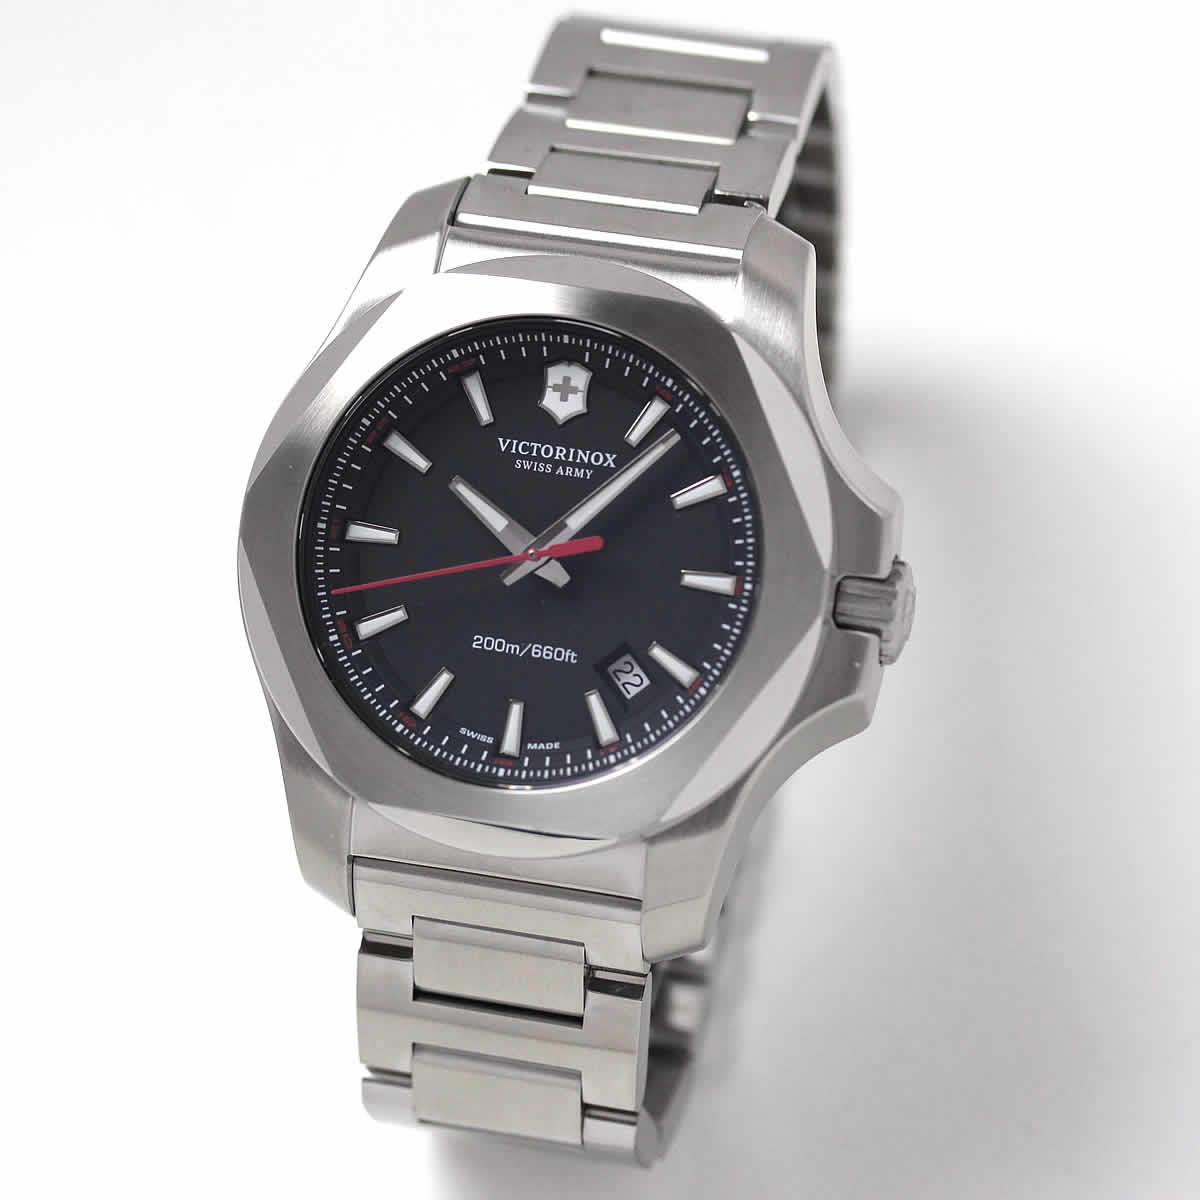 ビクトリノックススイスアーミー I.N.O.X. (イノックス) ステンレスベルト 241723.1 腕時計